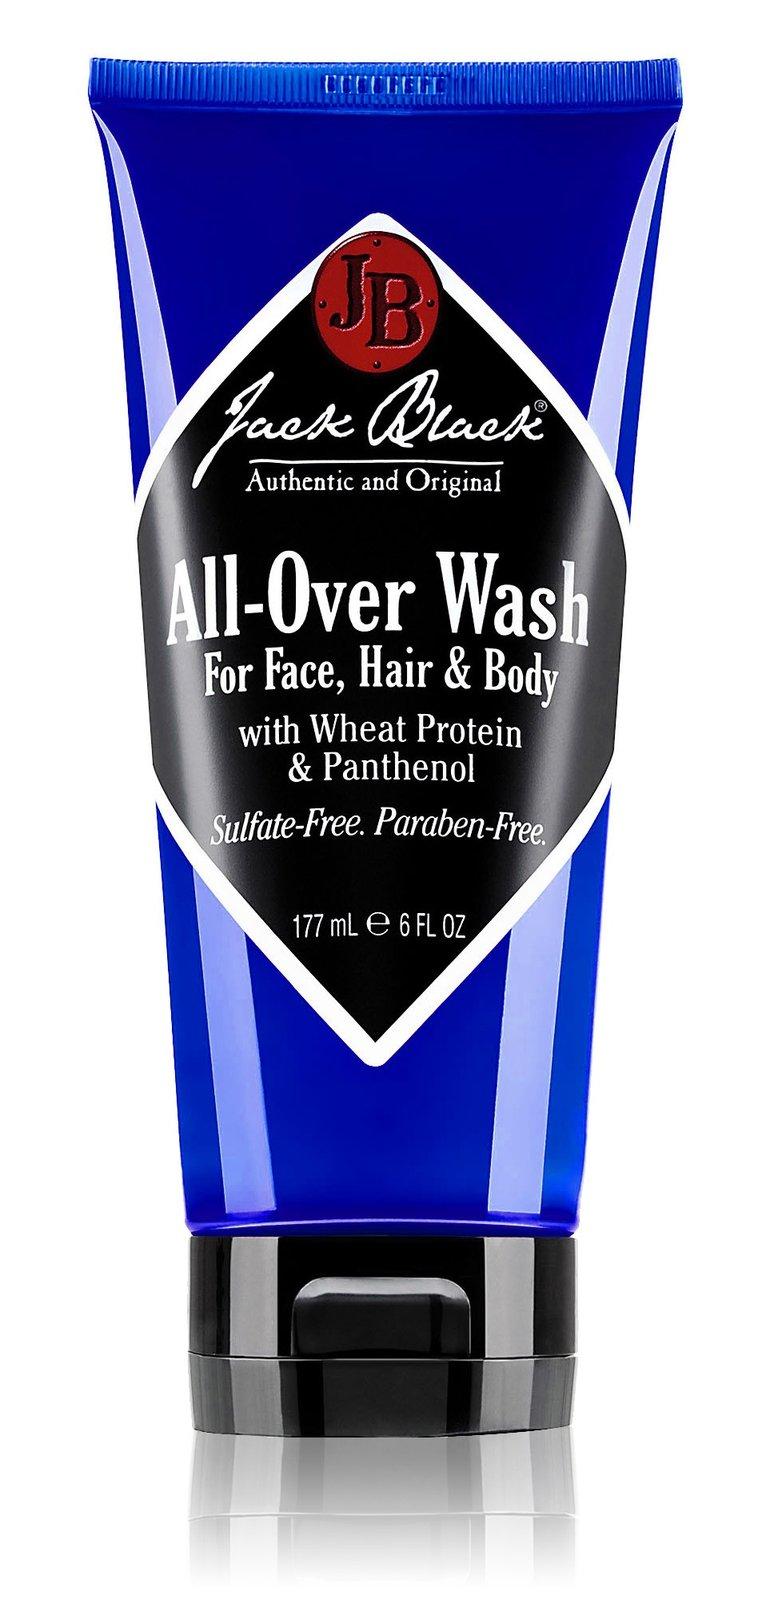 Jack Black All-Over Wash